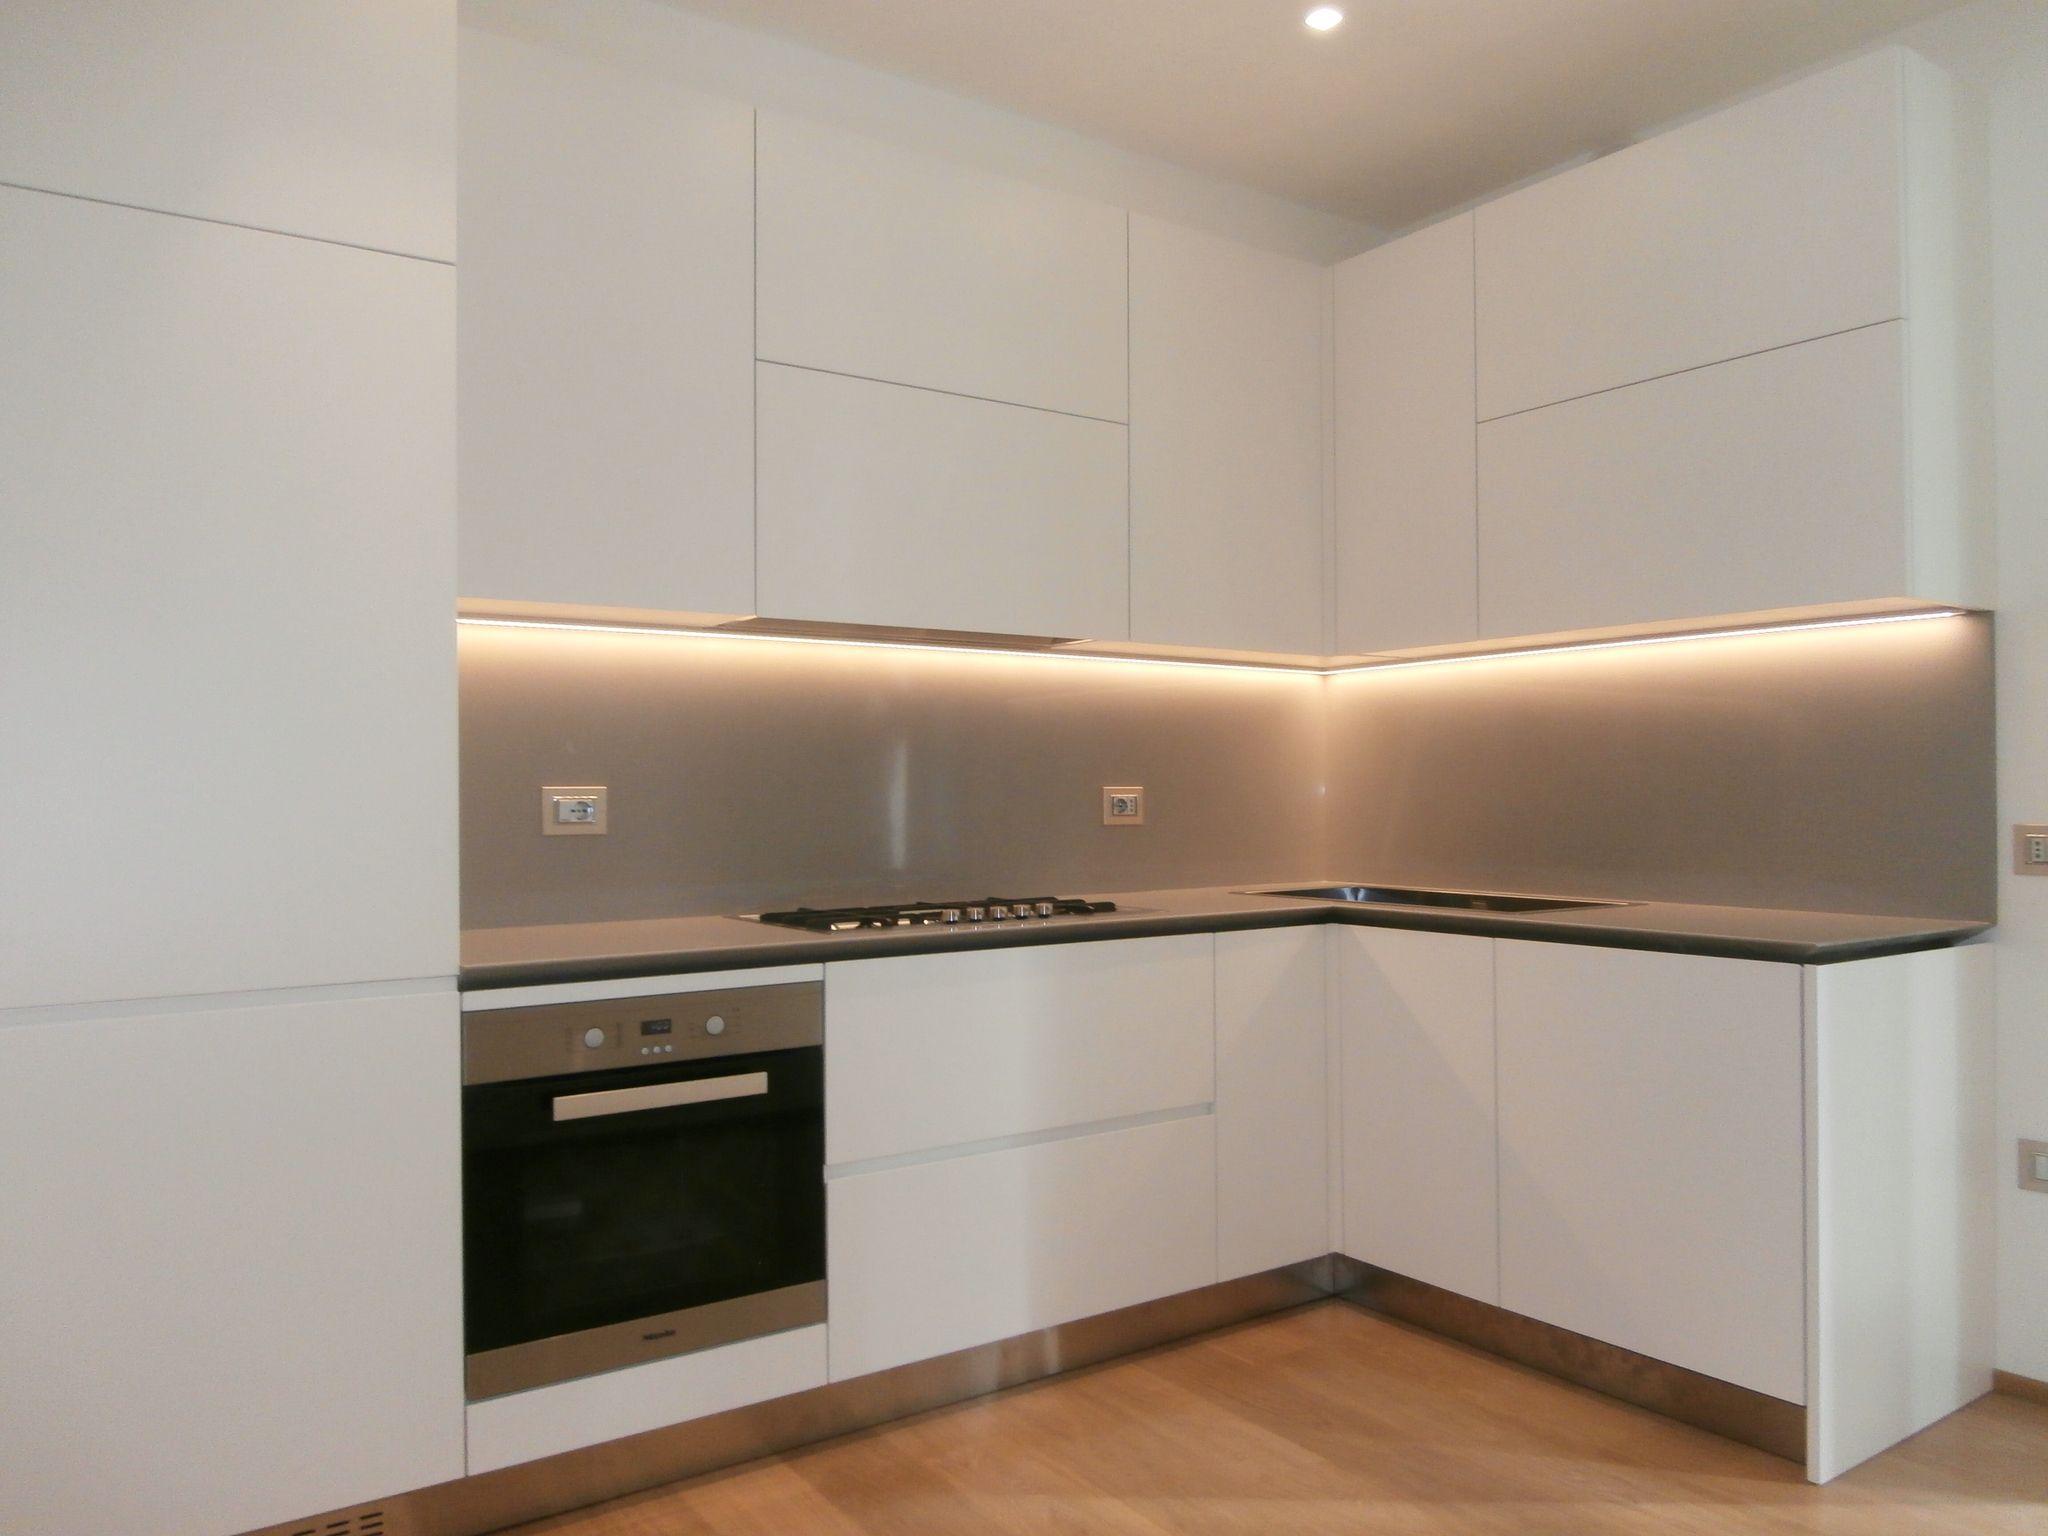 Cucina moderna senza maniglia, laccata opaca avorio, con piano di ...